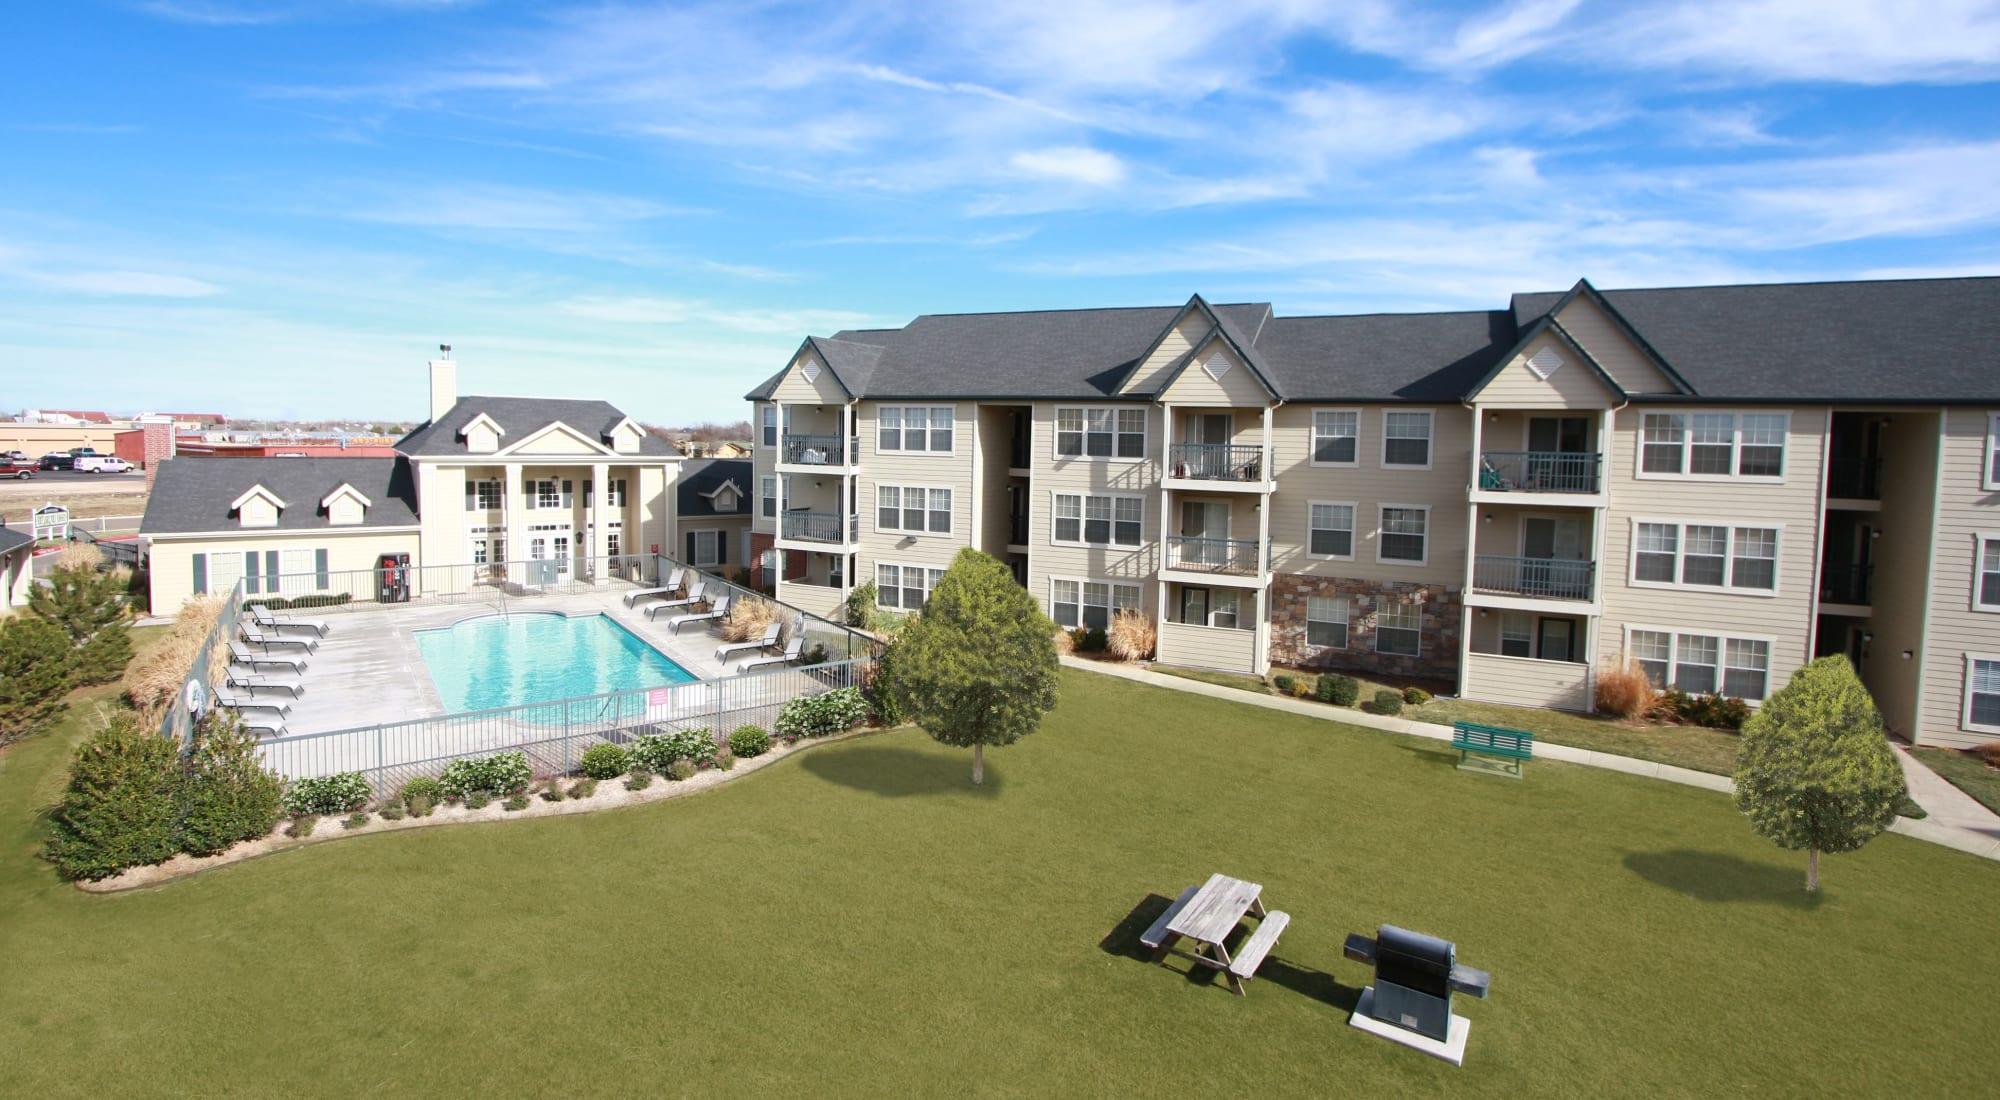 Remington Apartments in Amarillo, Texas